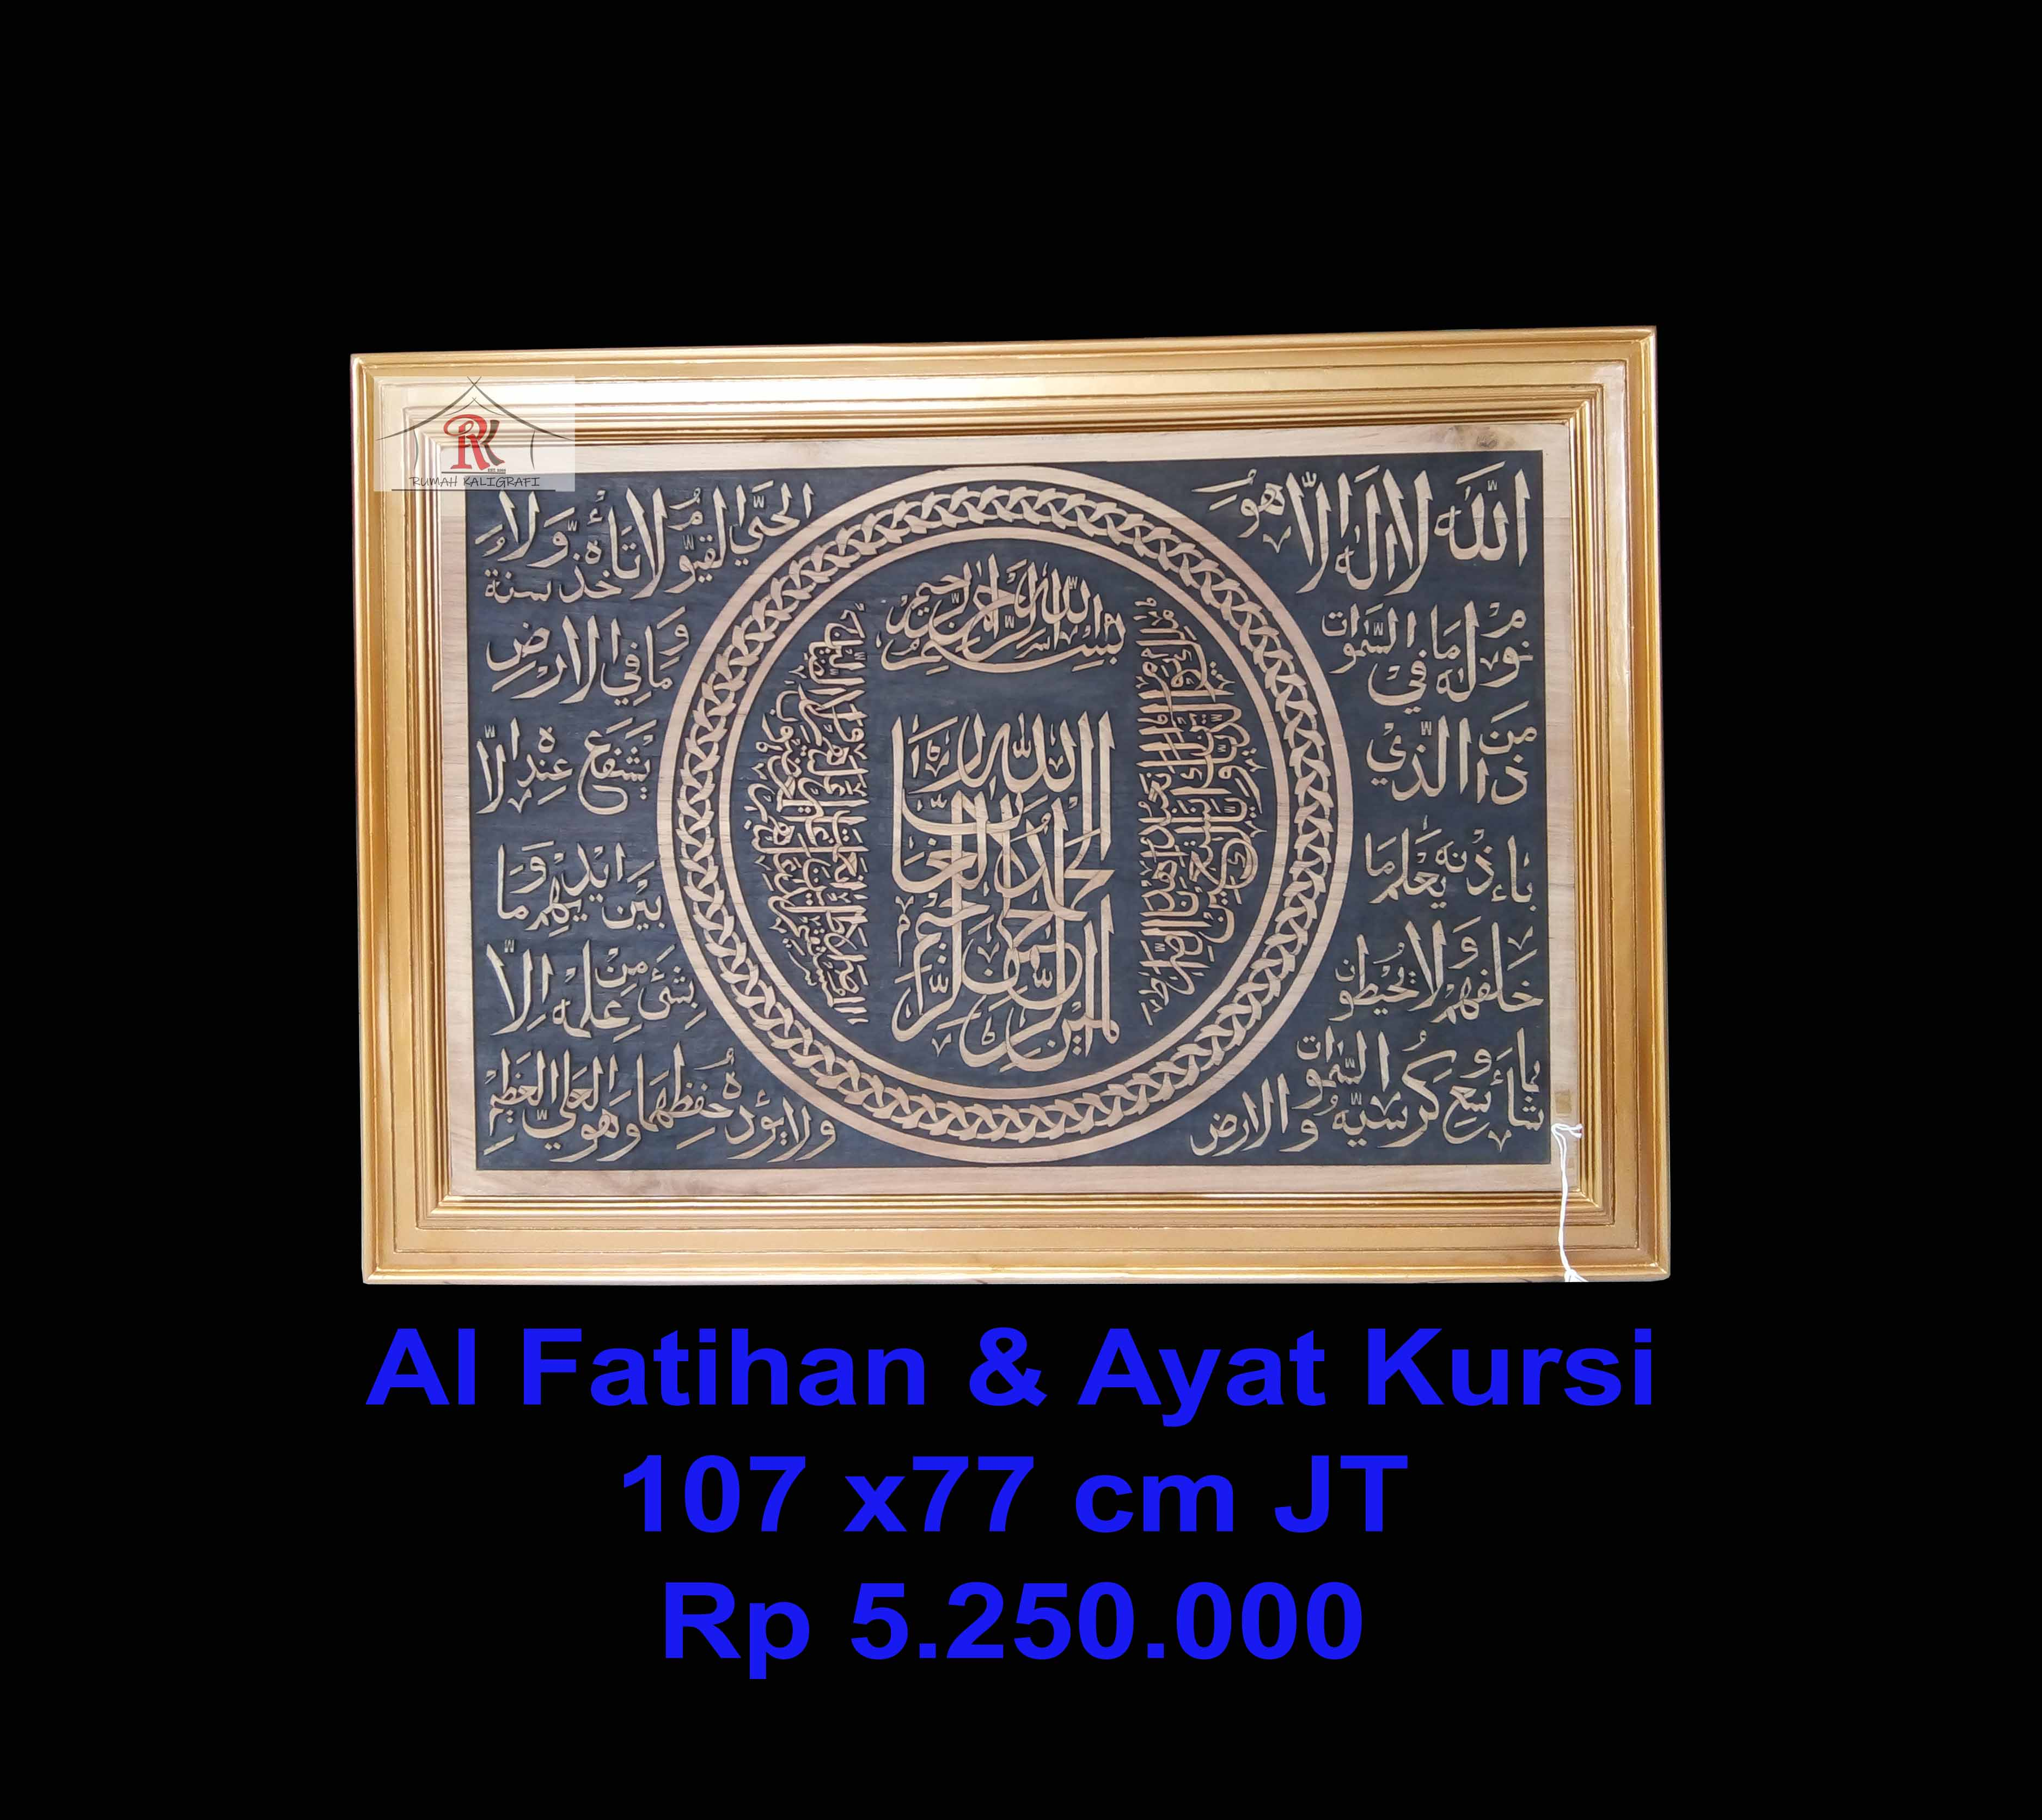 Kaligrafi ukir, Kaligrafi Al Fatihah & Ayat Kursi Model 1